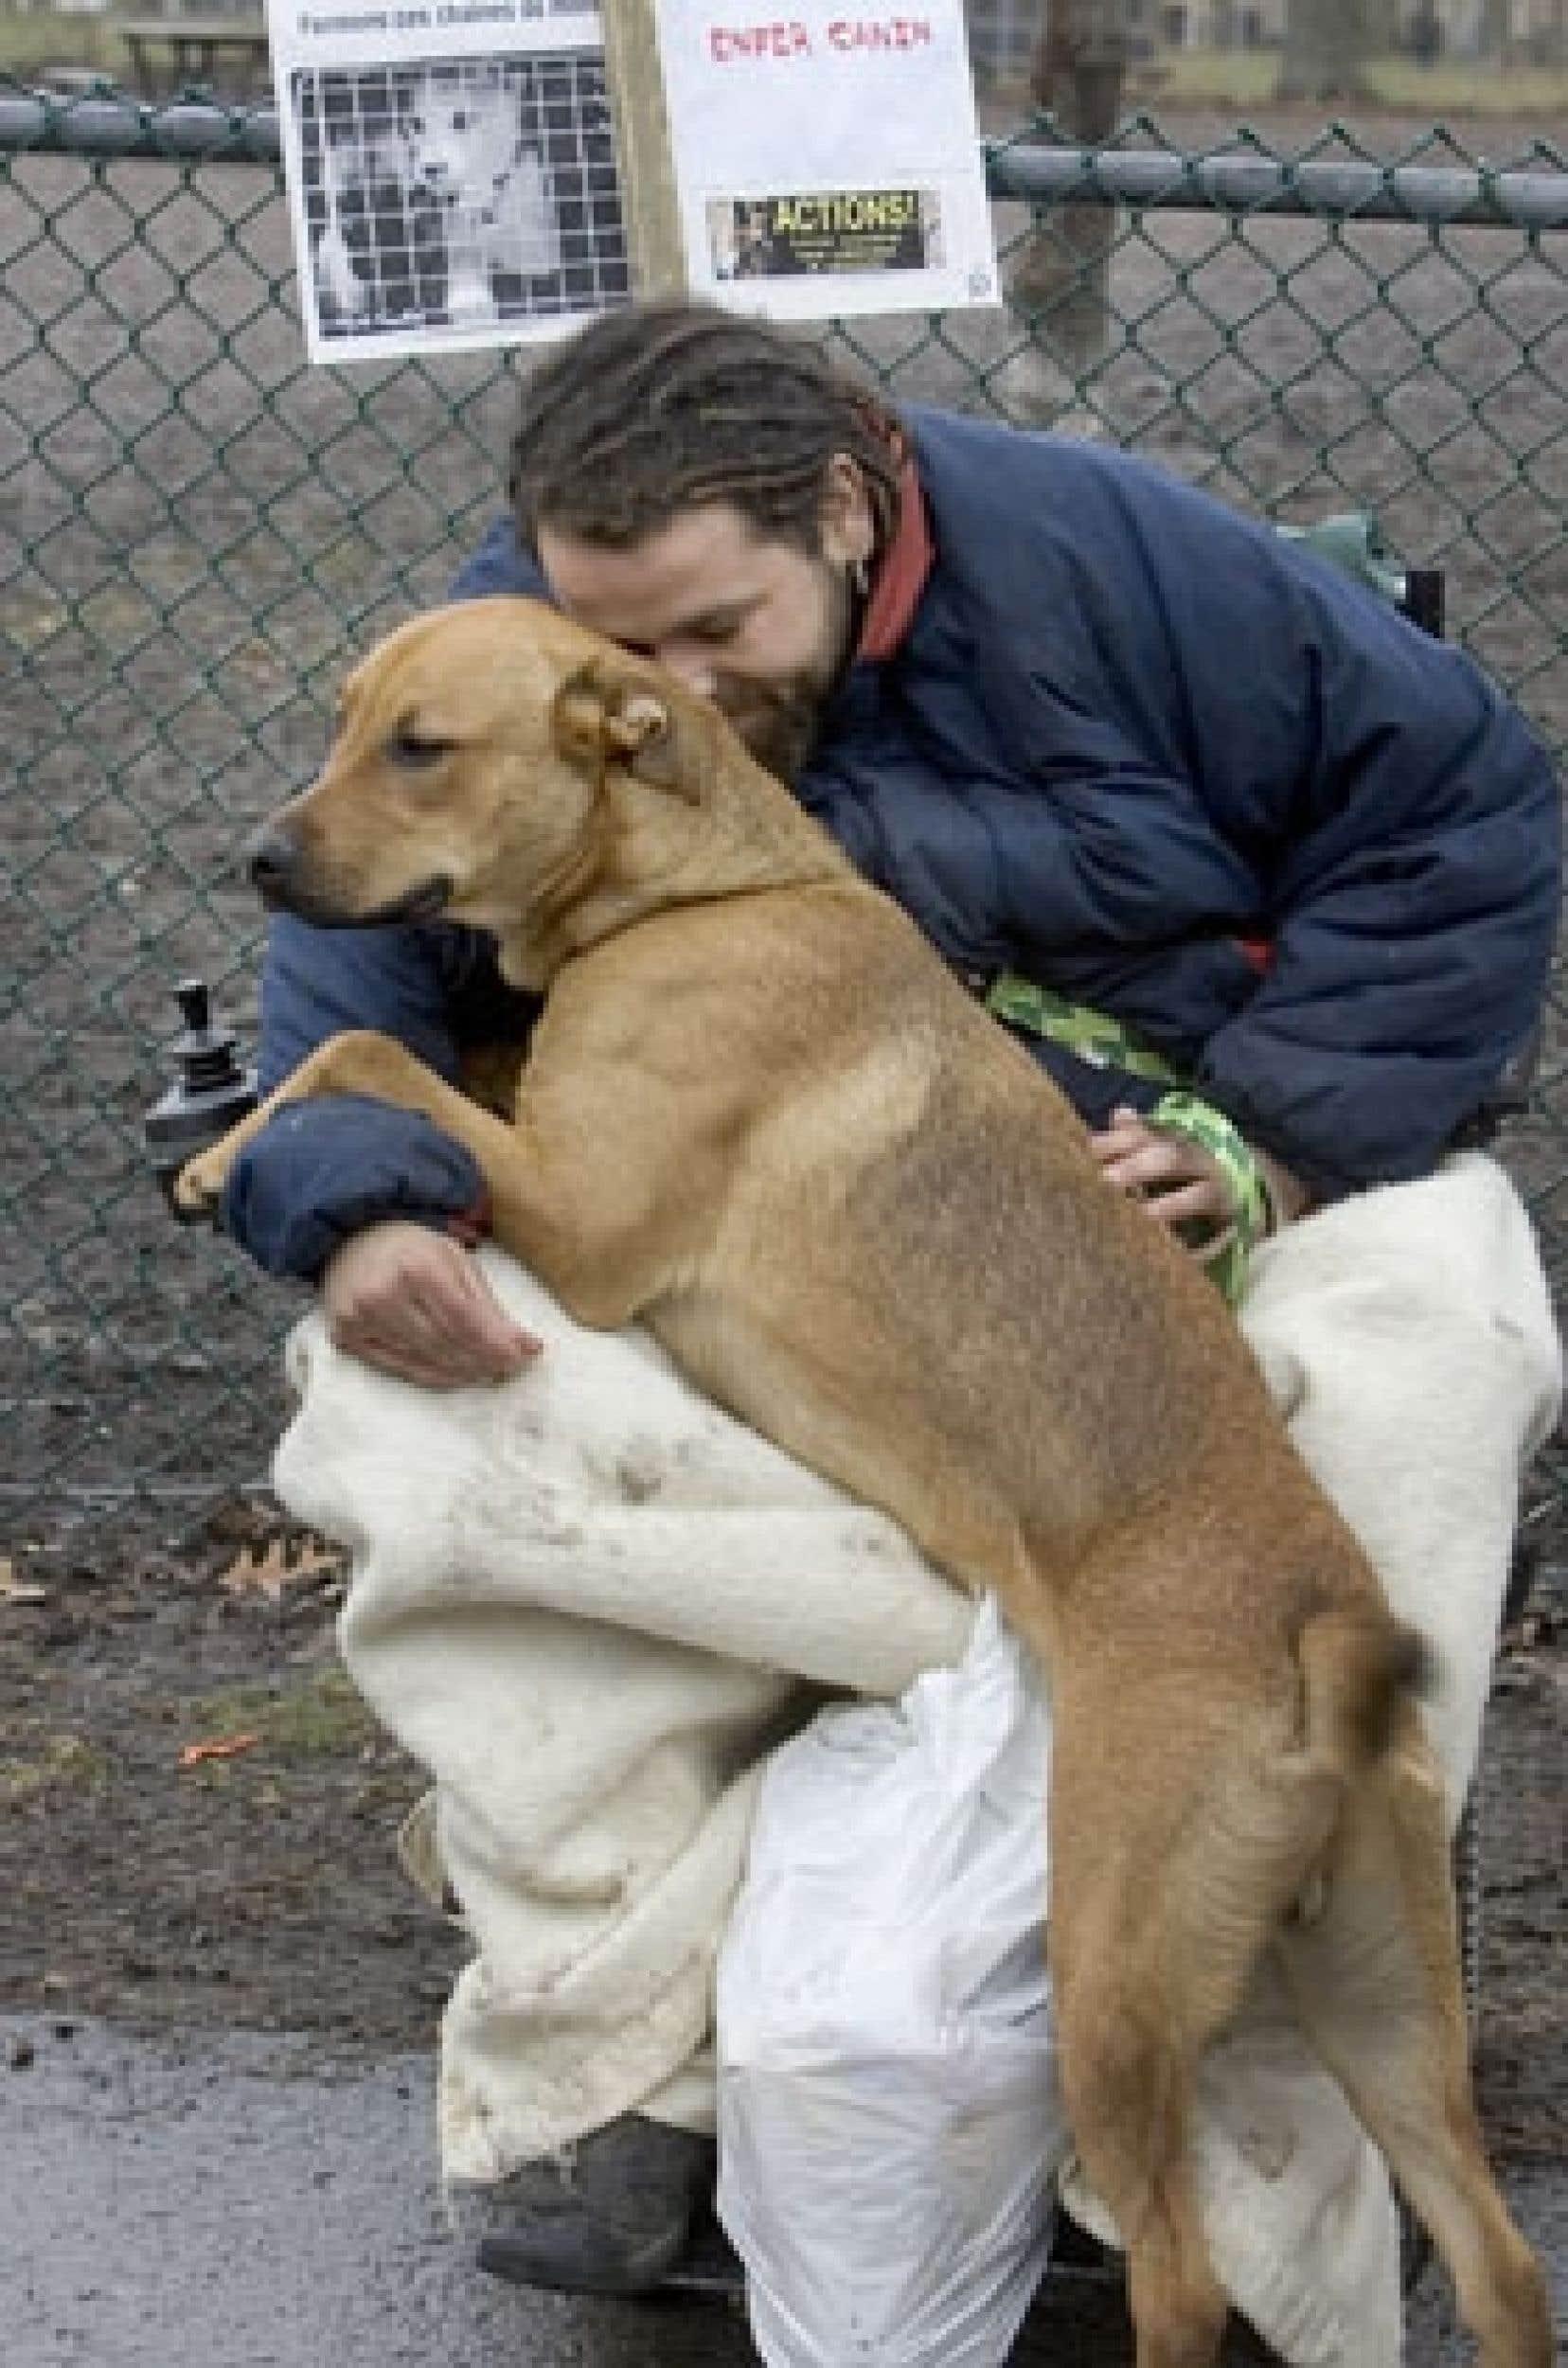 Gary et son chien Bazou se sont joints hier à la manifestation pour dénoncer les conditions d'élevage des animaux de compagnie au Québec.